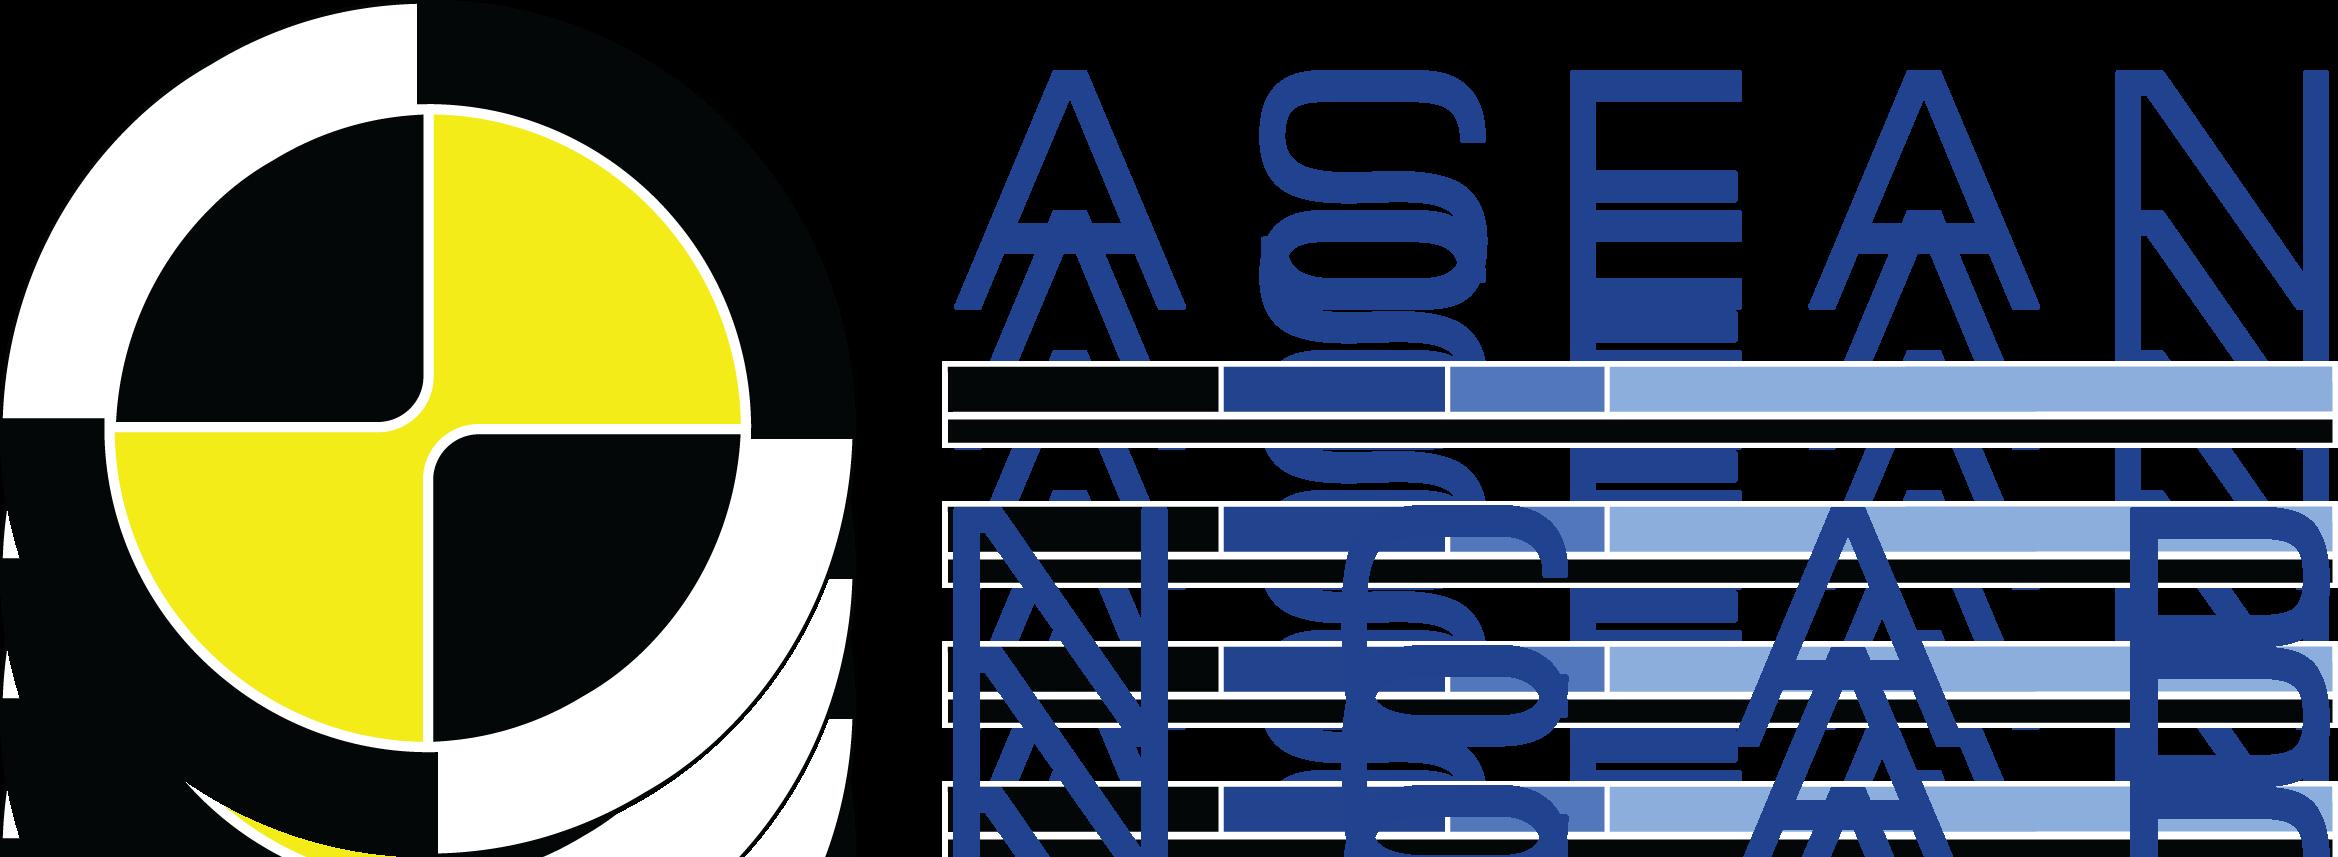 ASEAN_NCAP_LOGO